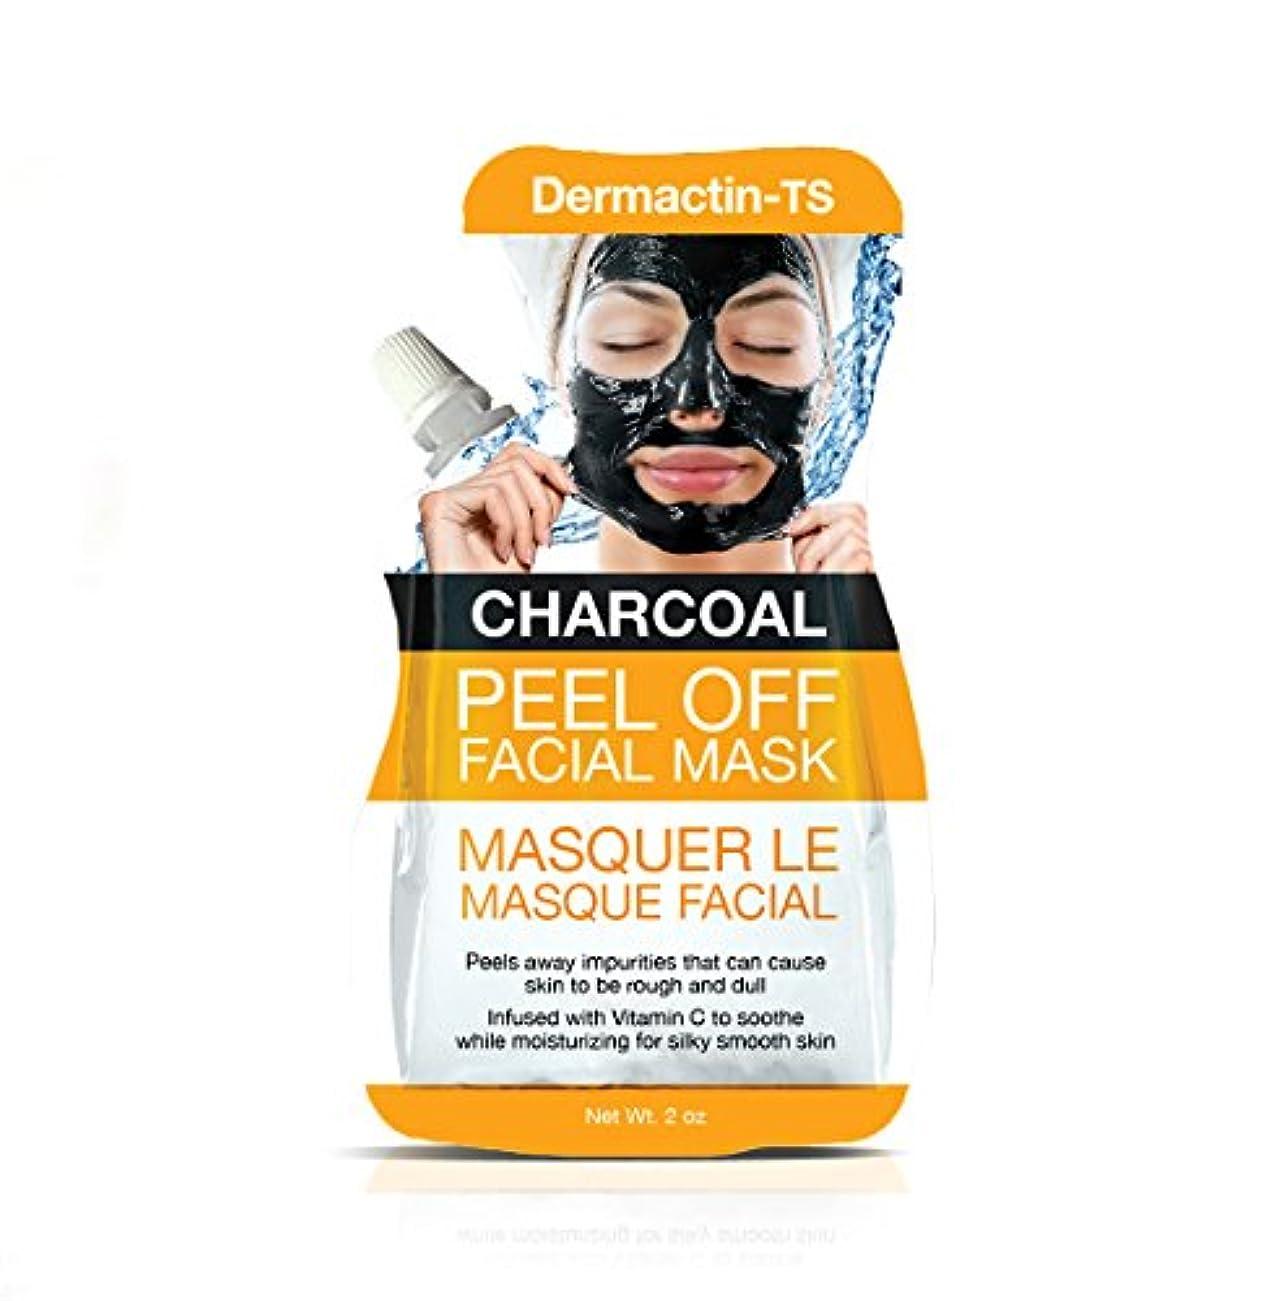 密思い出す繕うDermactin-TS フェイシャルマスクを剥がすチャコール50 g (並行輸入品)